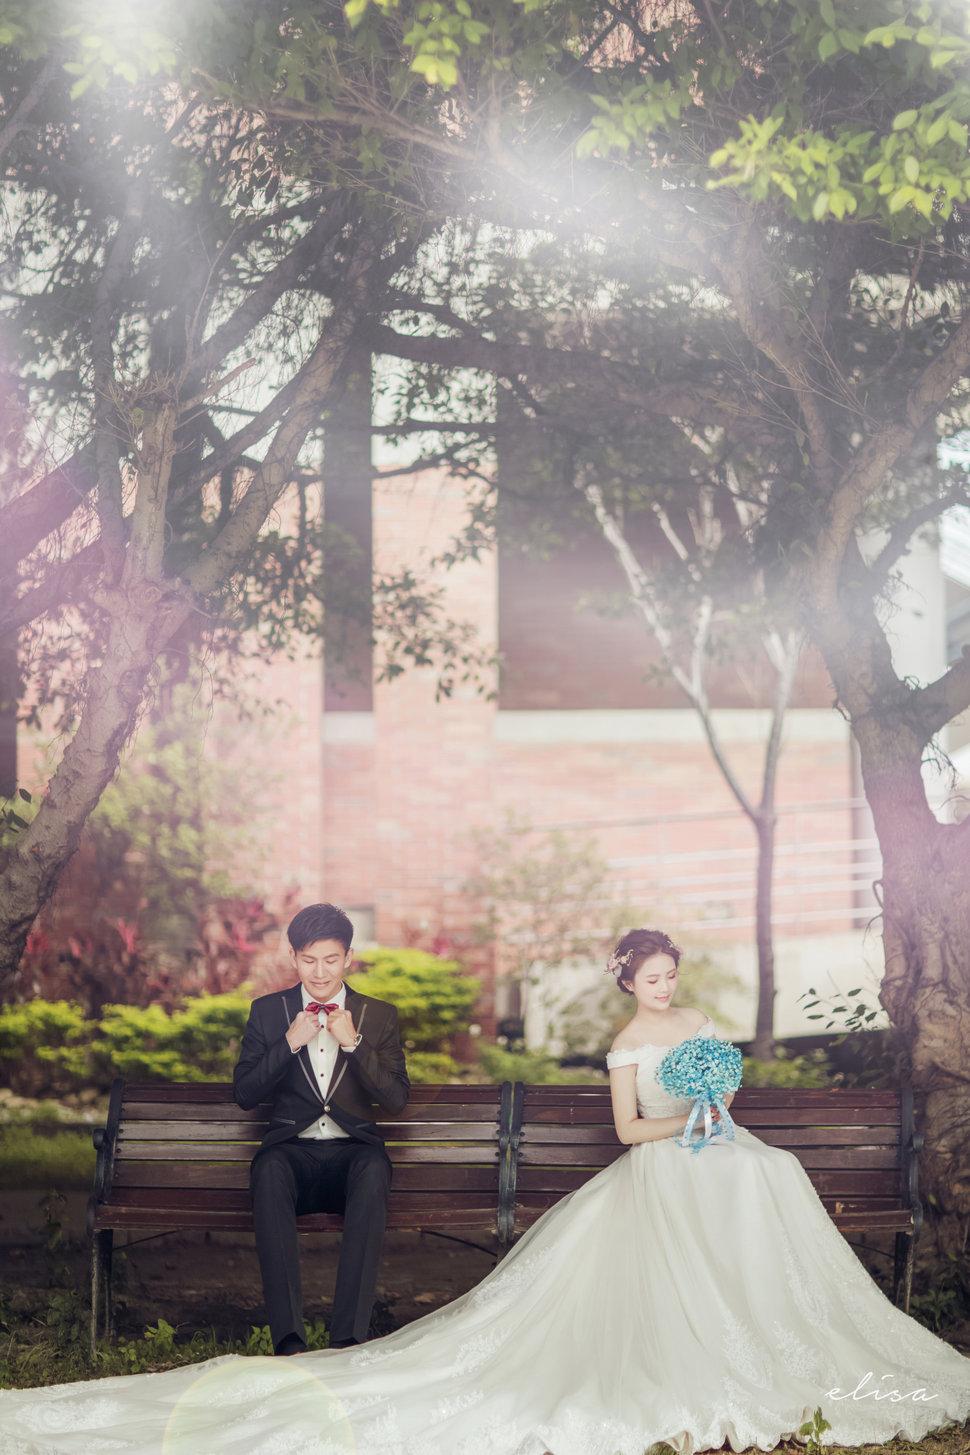 mark0116-123 - Elisa艾莉莎婚紗攝影工作室-桃園中壢《結婚吧》